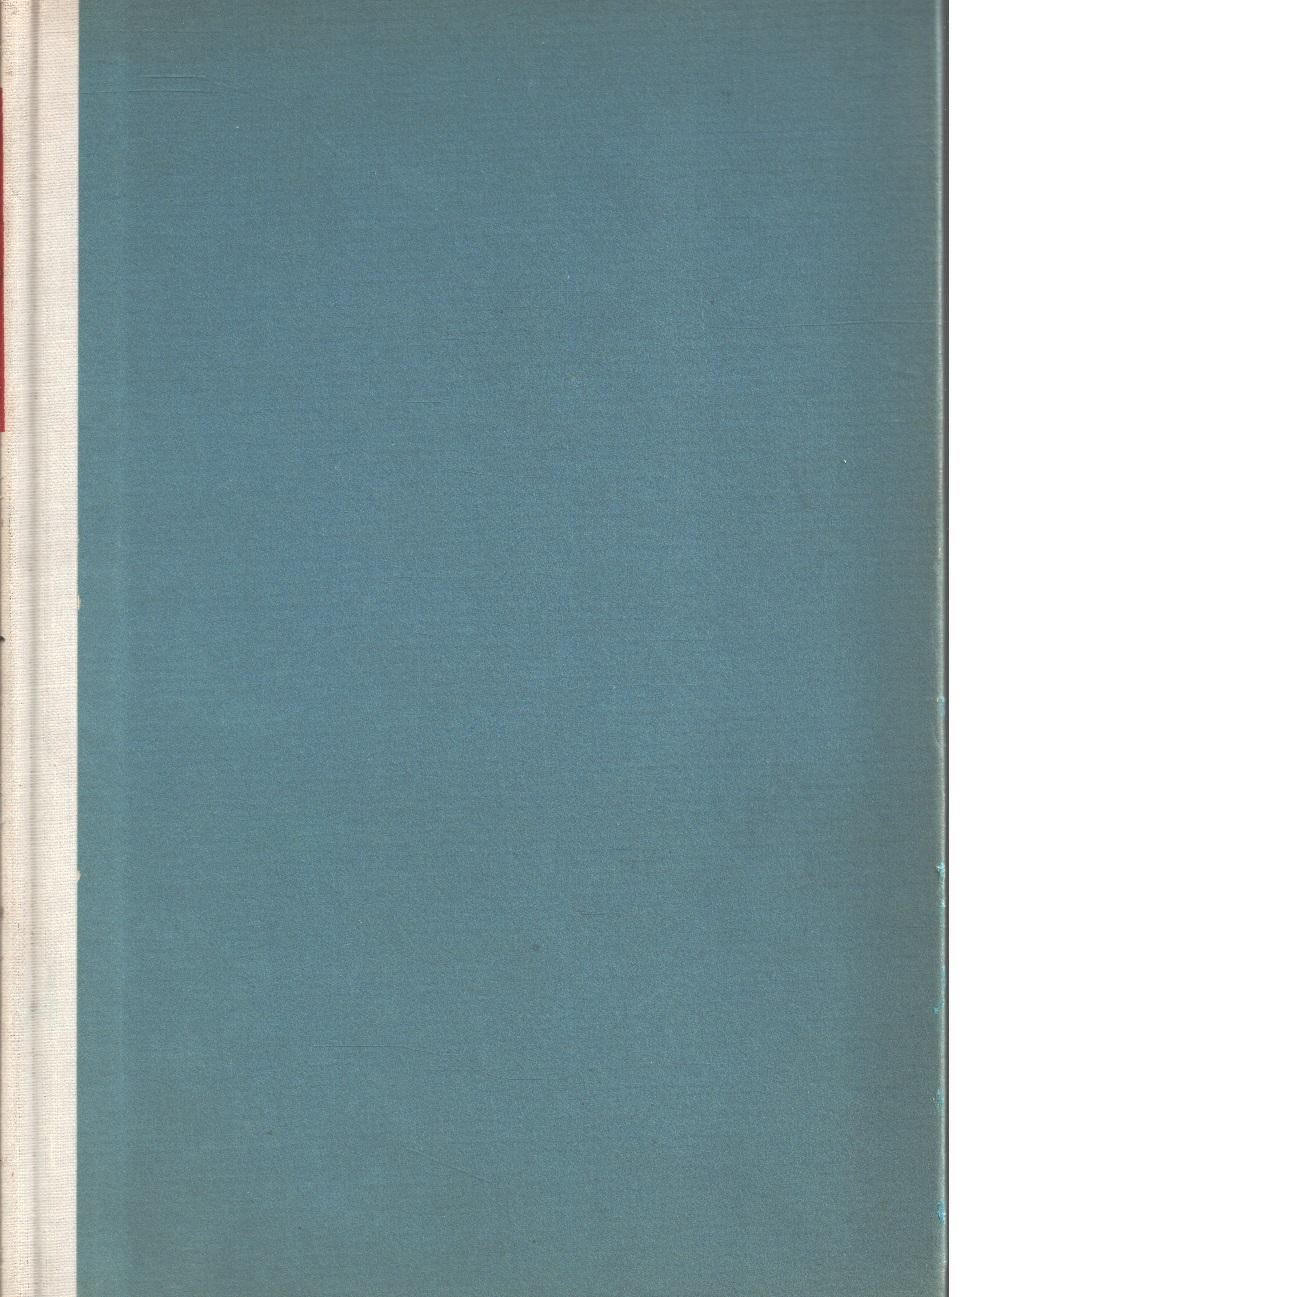 Damen i vita huset : en bok om Eleanor Roosevelt - Steinberg, Alfred